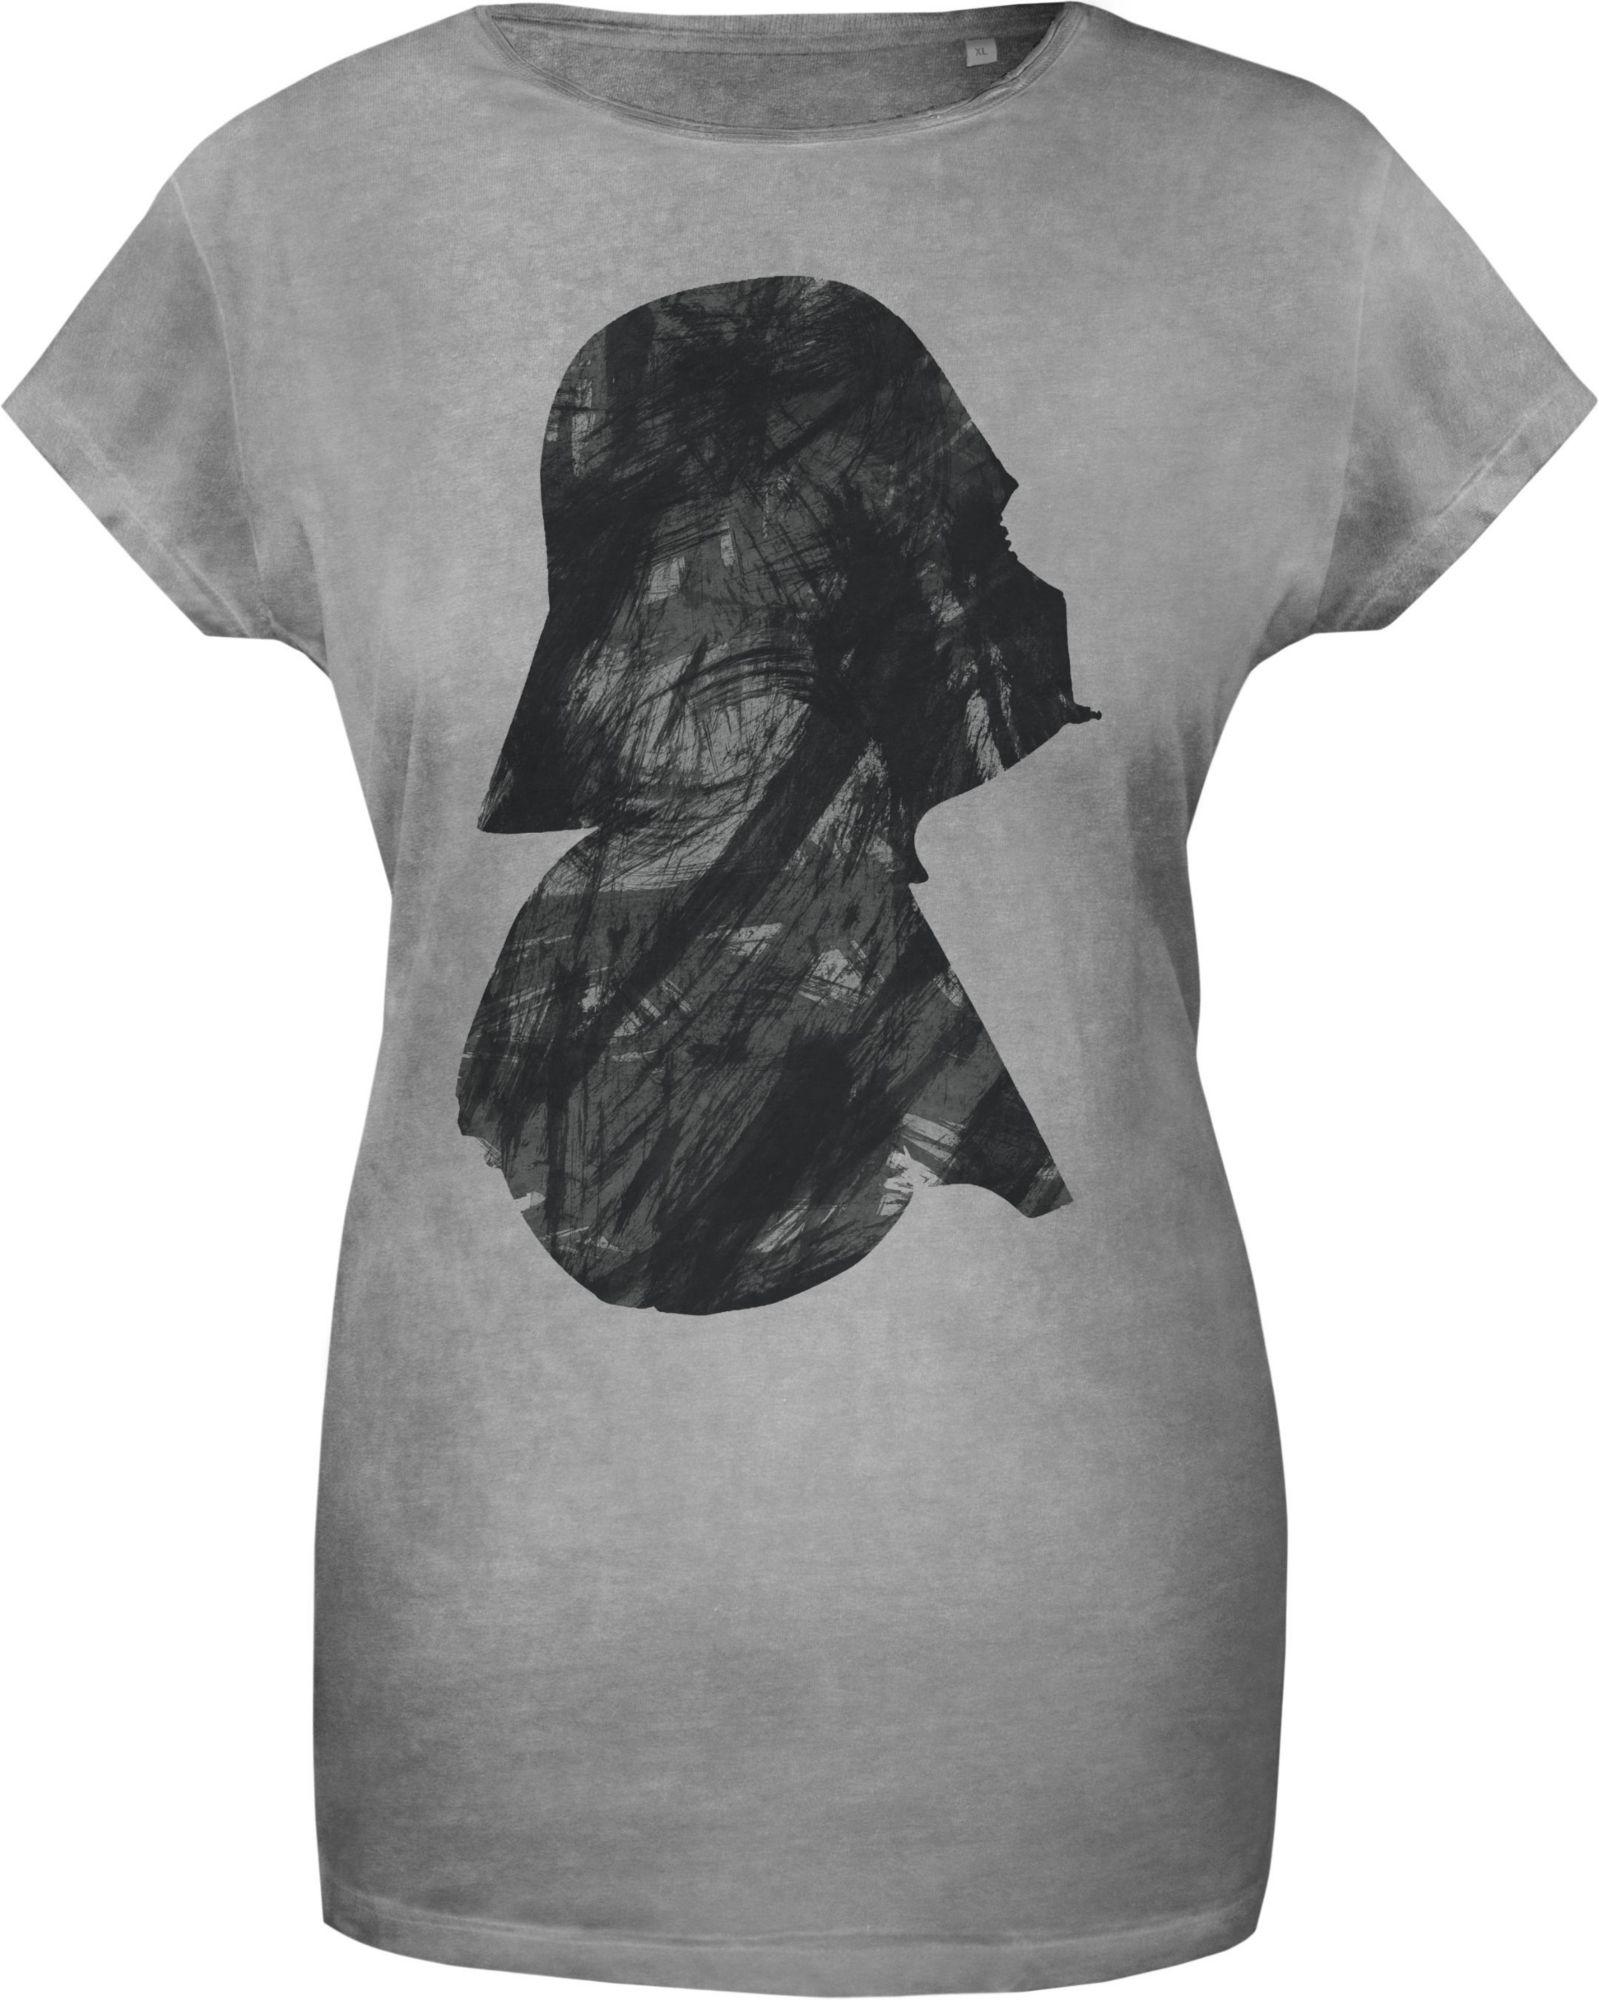 GOZOO Gozoo T-Shirt »Star Wars - Vader Profile«